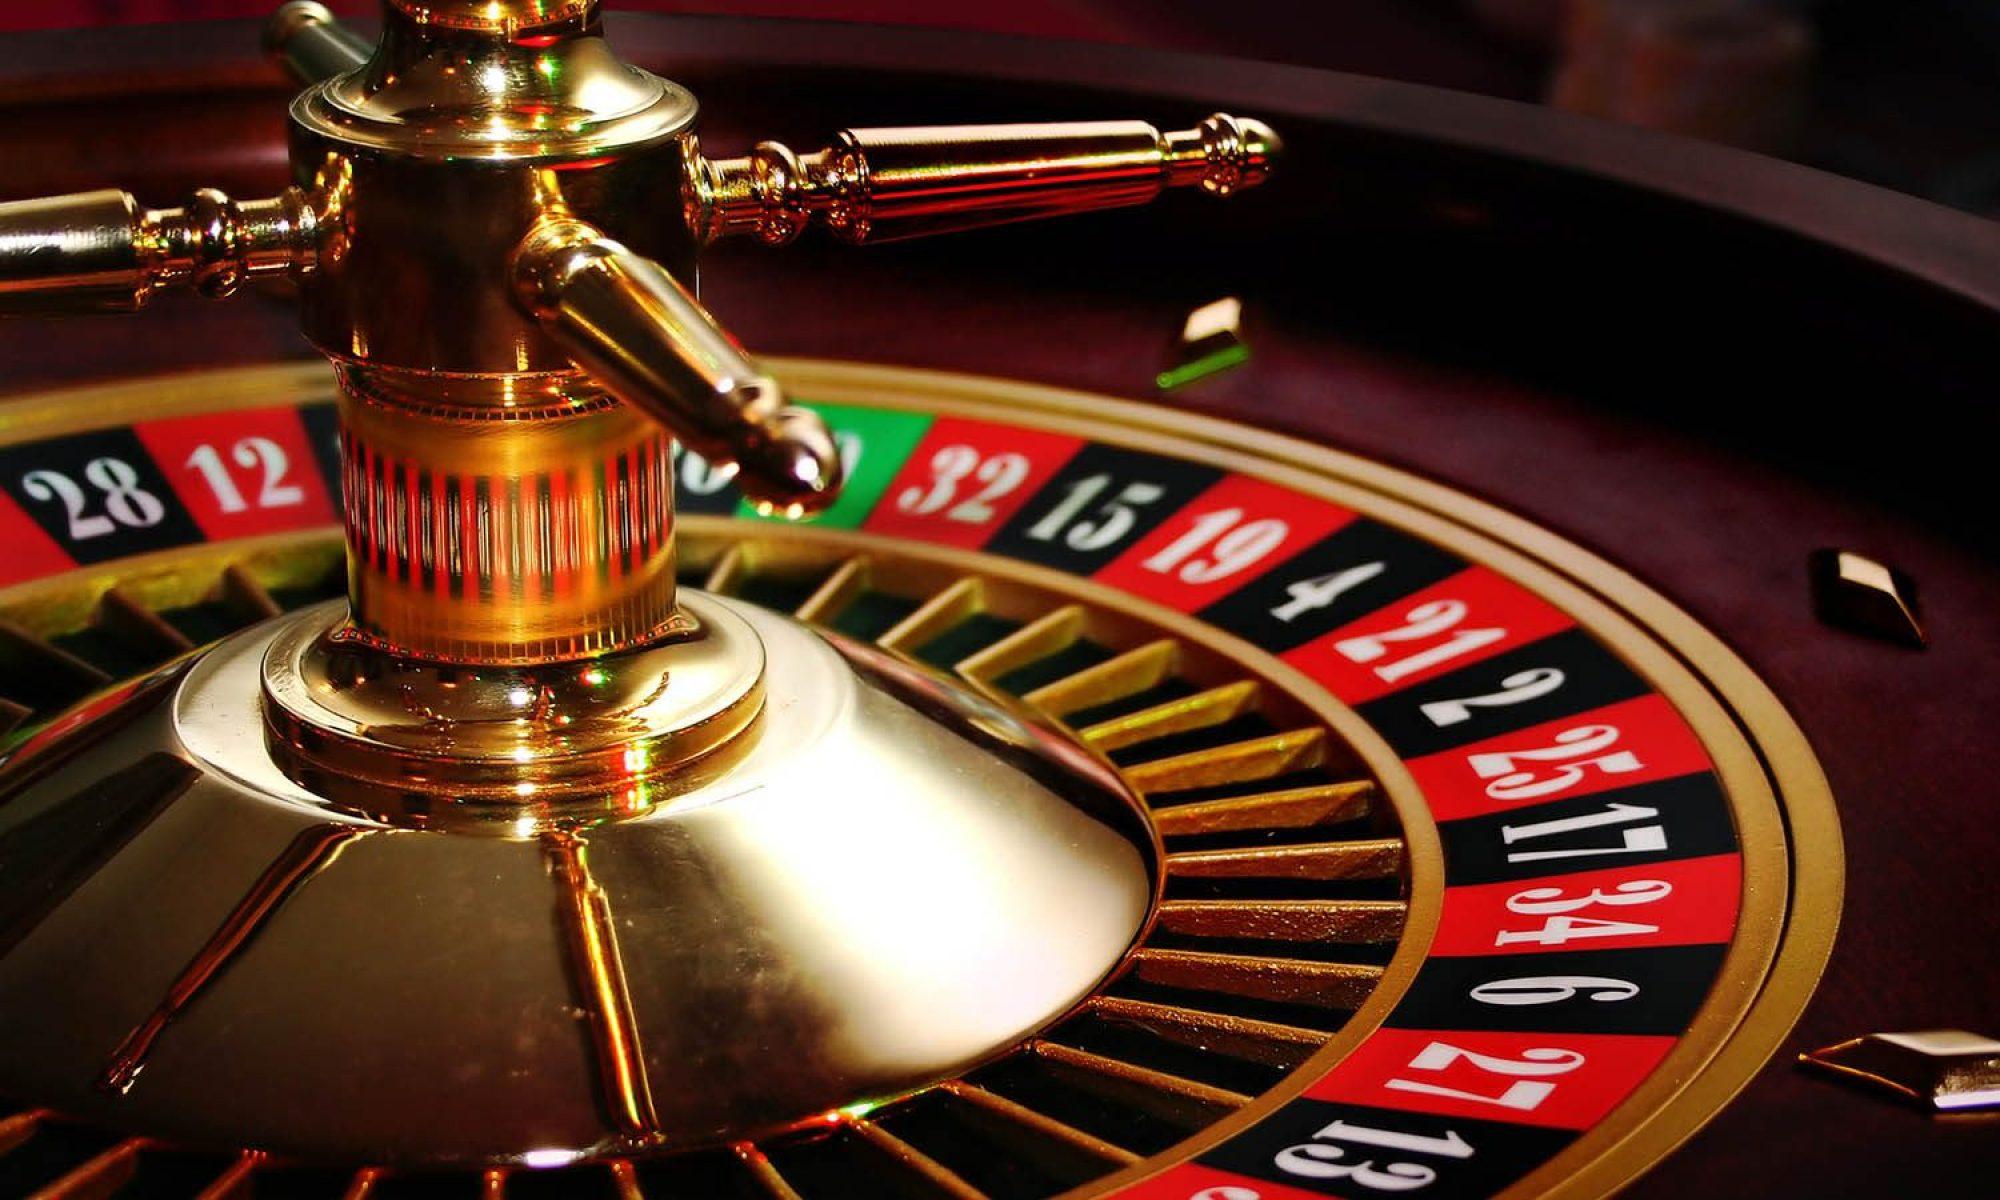 オンラインカジノで安心して遊ぶ為に